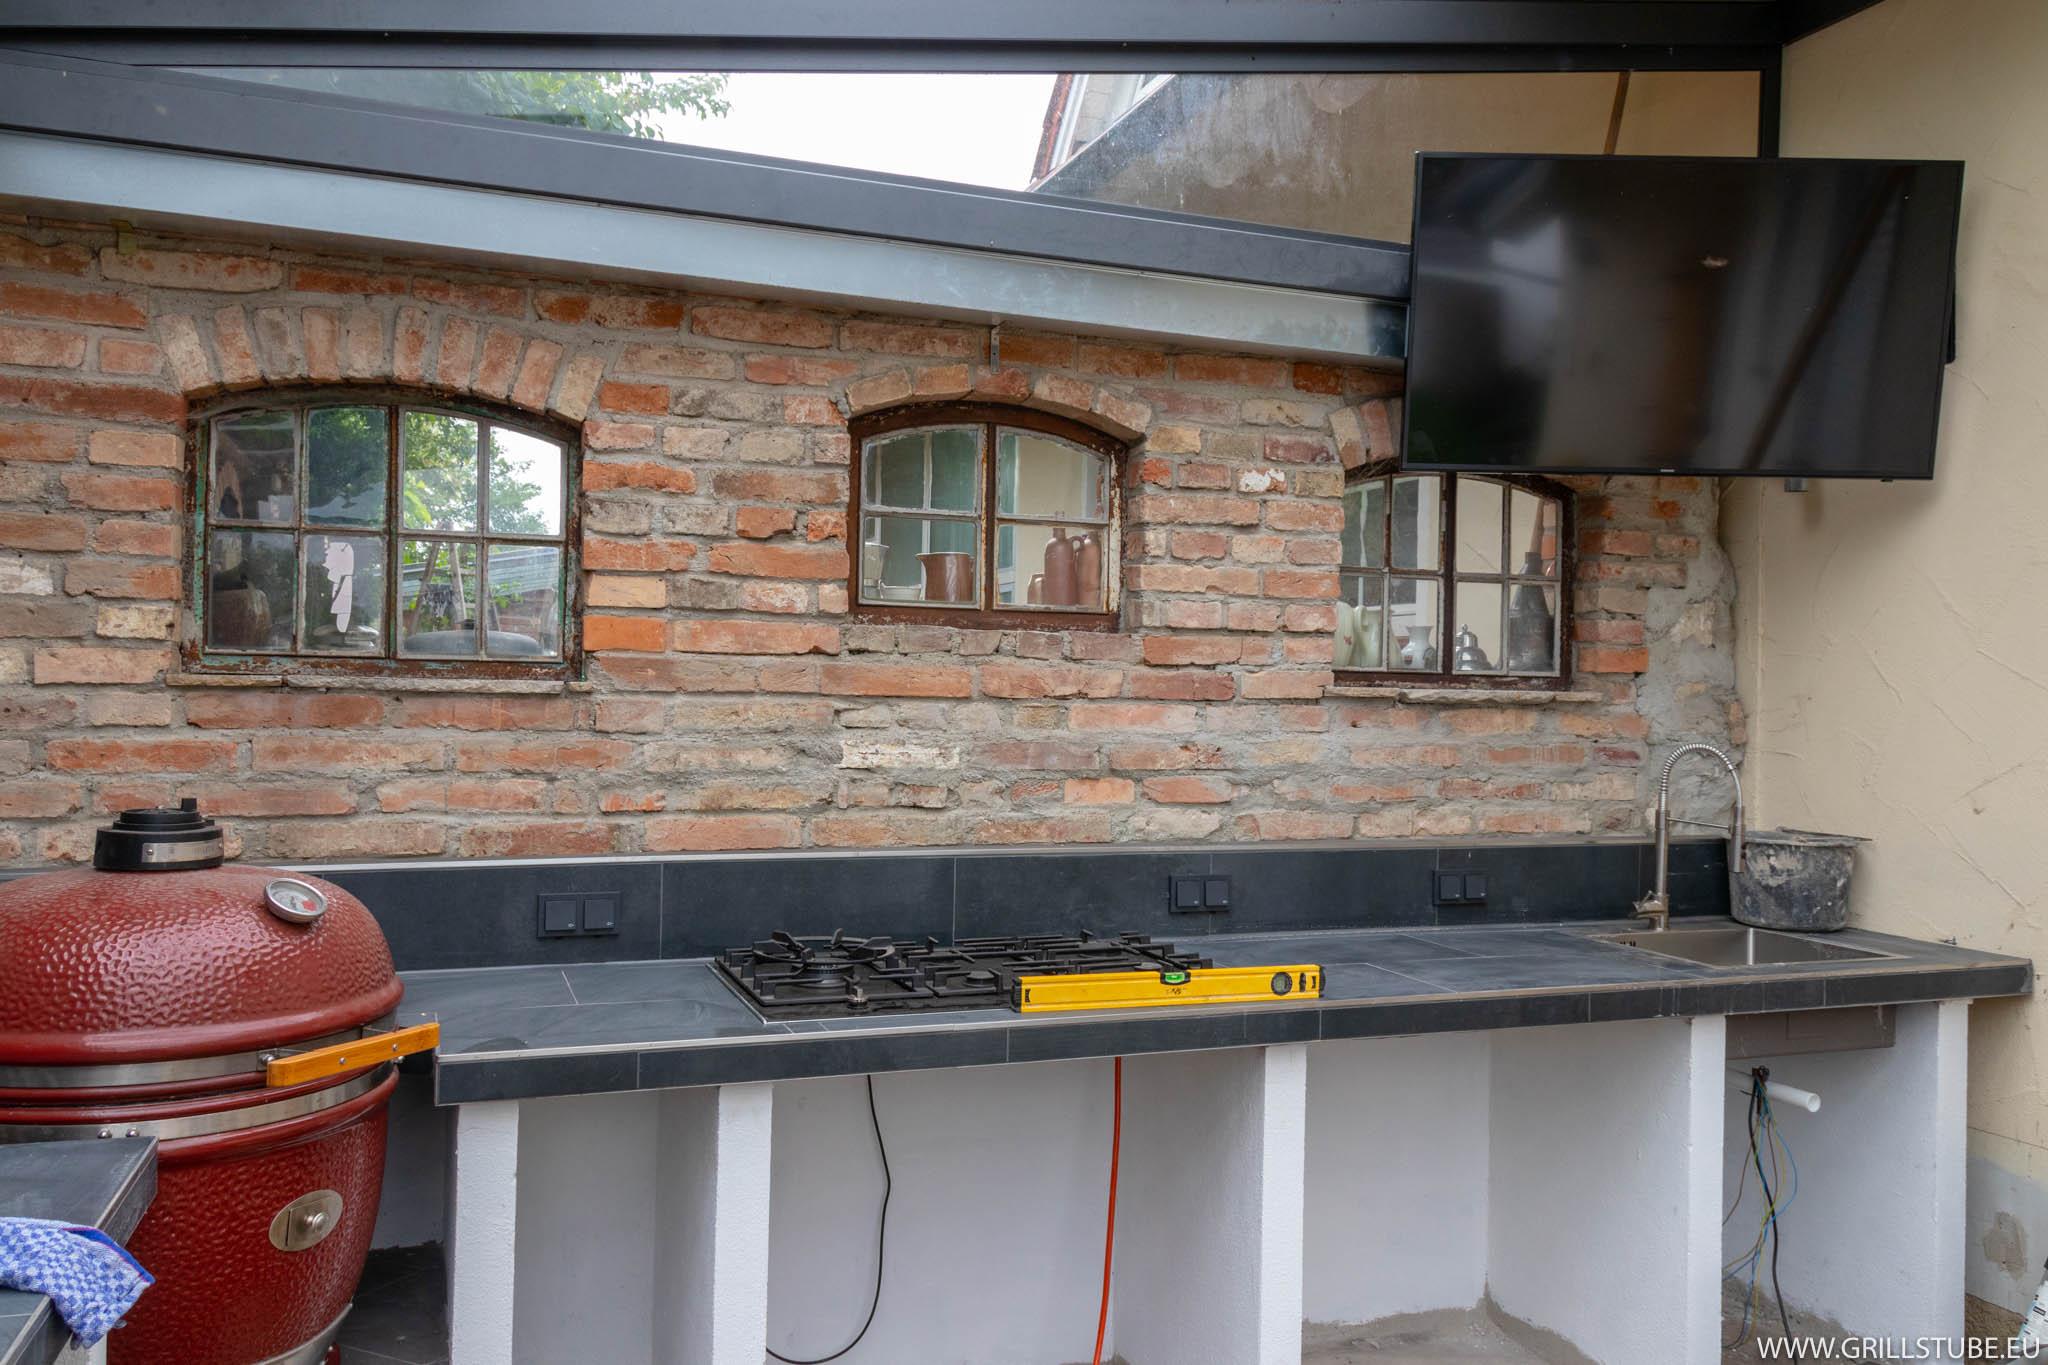 Outdoor Küche Steinmauer : Outdoorküche u uhd tv für gemütliche abende andys grillstube